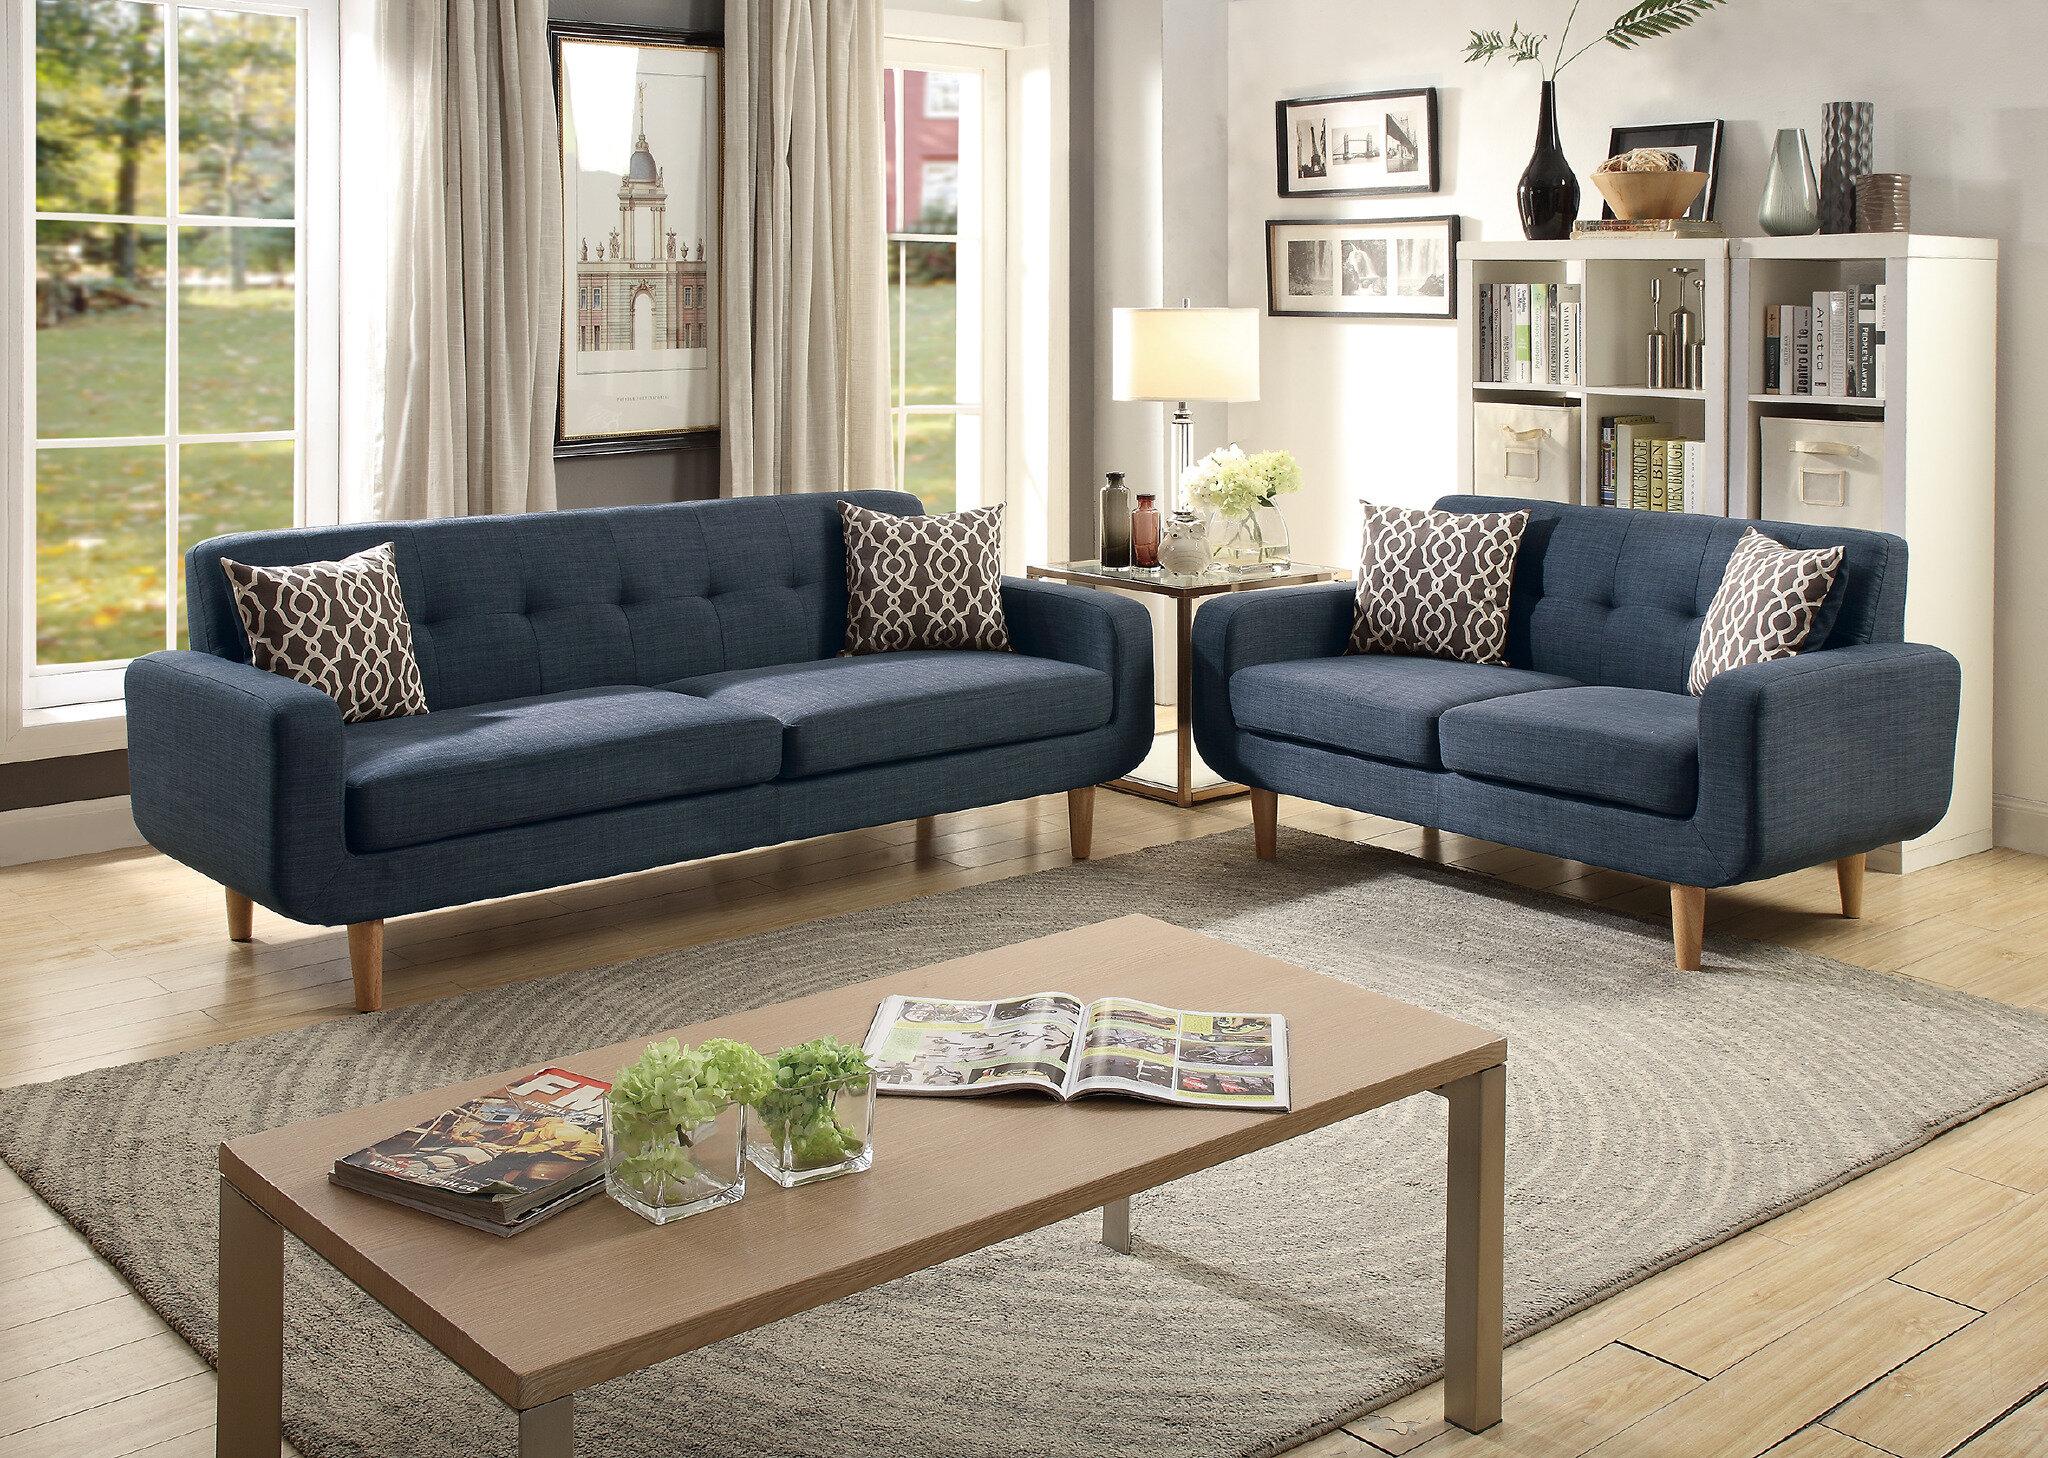 Langley street donte dorris fabric 2 piece living room set reviews wayfair